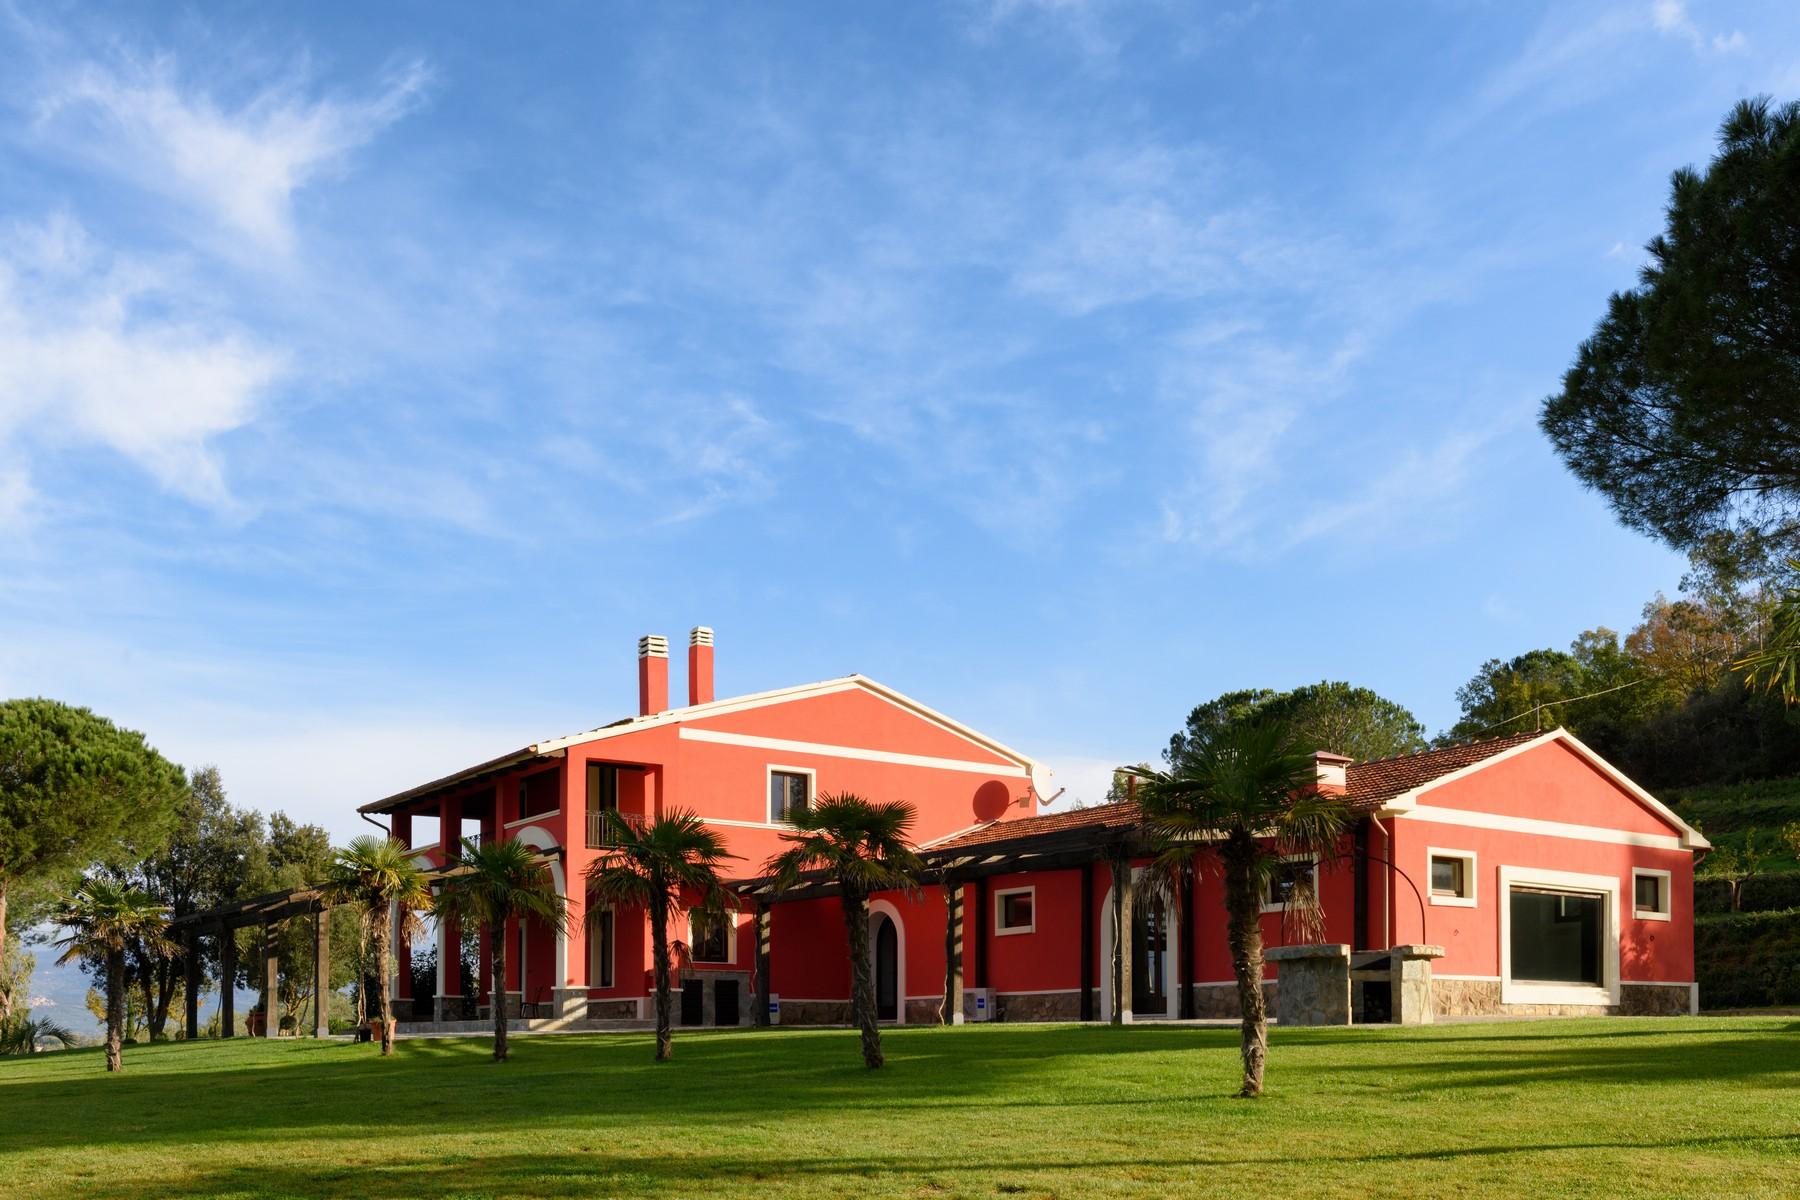 Ferme / Ranch / Plantation pour l Vente à Incomparable renovated villa surrounded by Olive trees Gavorrano Castiglione Della Pescaia, Grosseto 58023 Italie